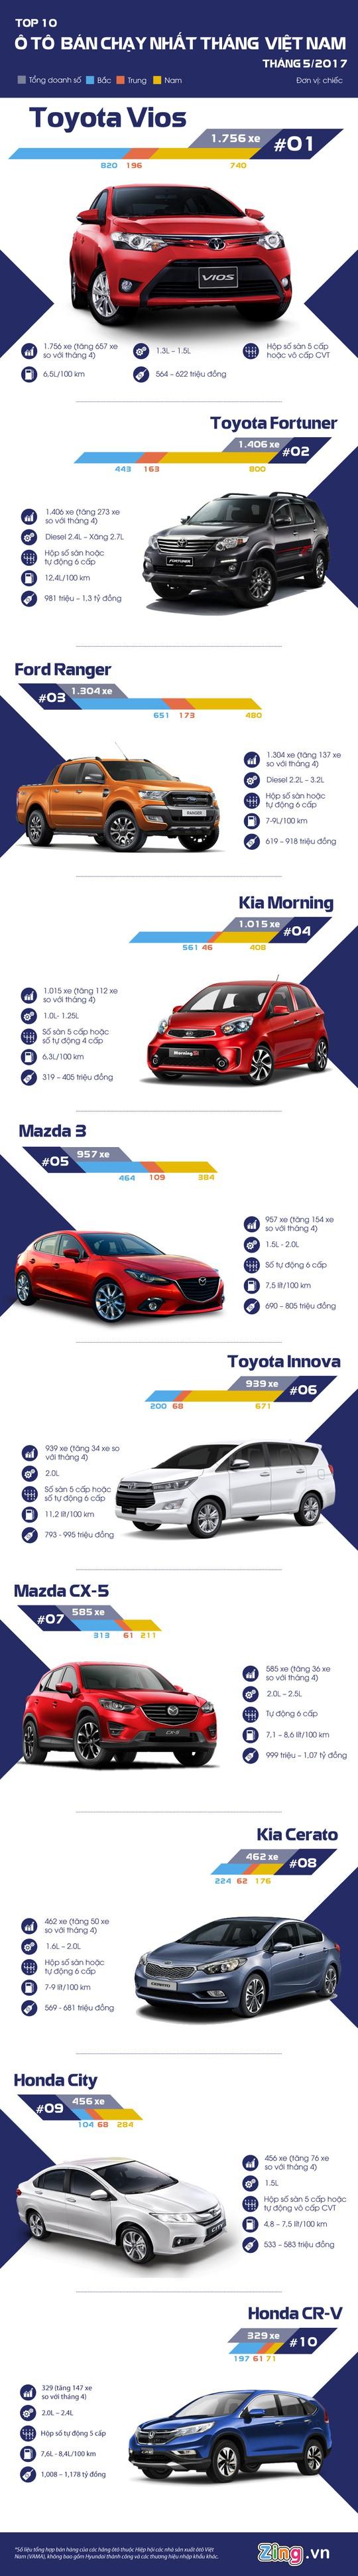 Toyota Vios bán chạy nhất tháng 5 với doanh số hơn 1.700 xe - Ảnh 1.